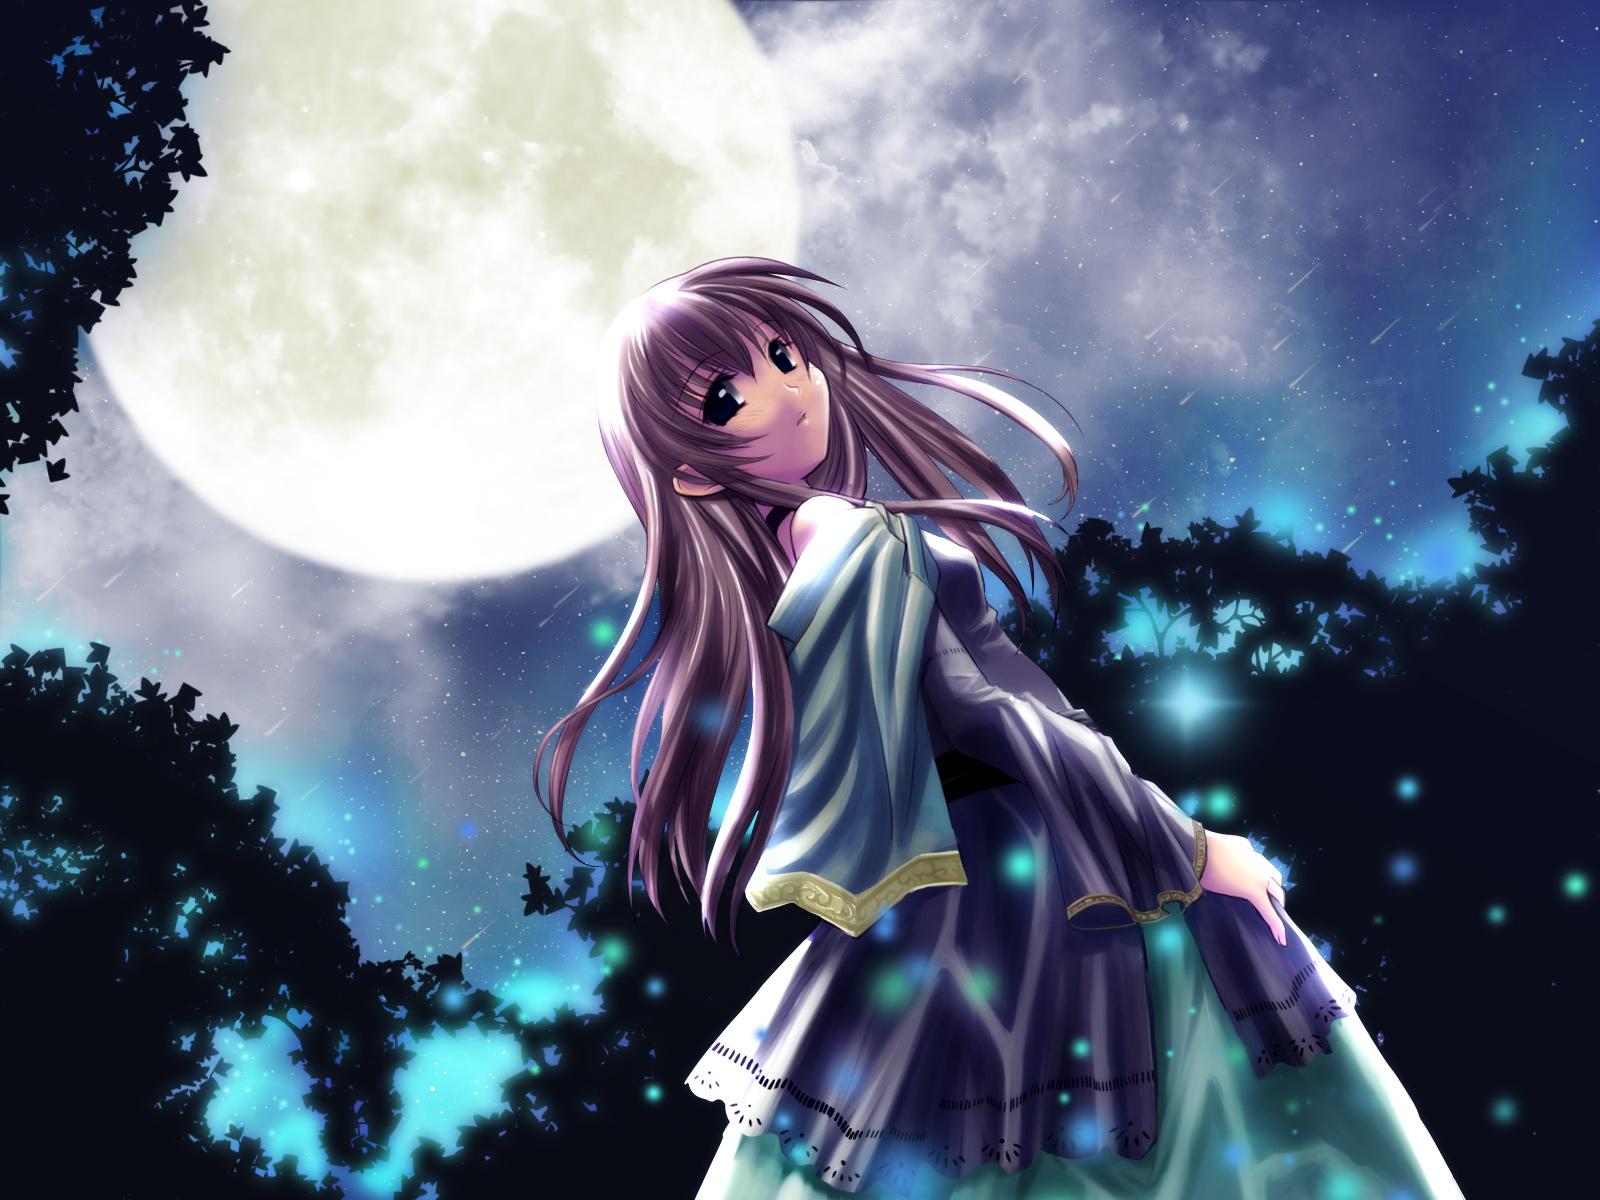 Anime wallpapers best anime wallpapers - Best anime images website ...